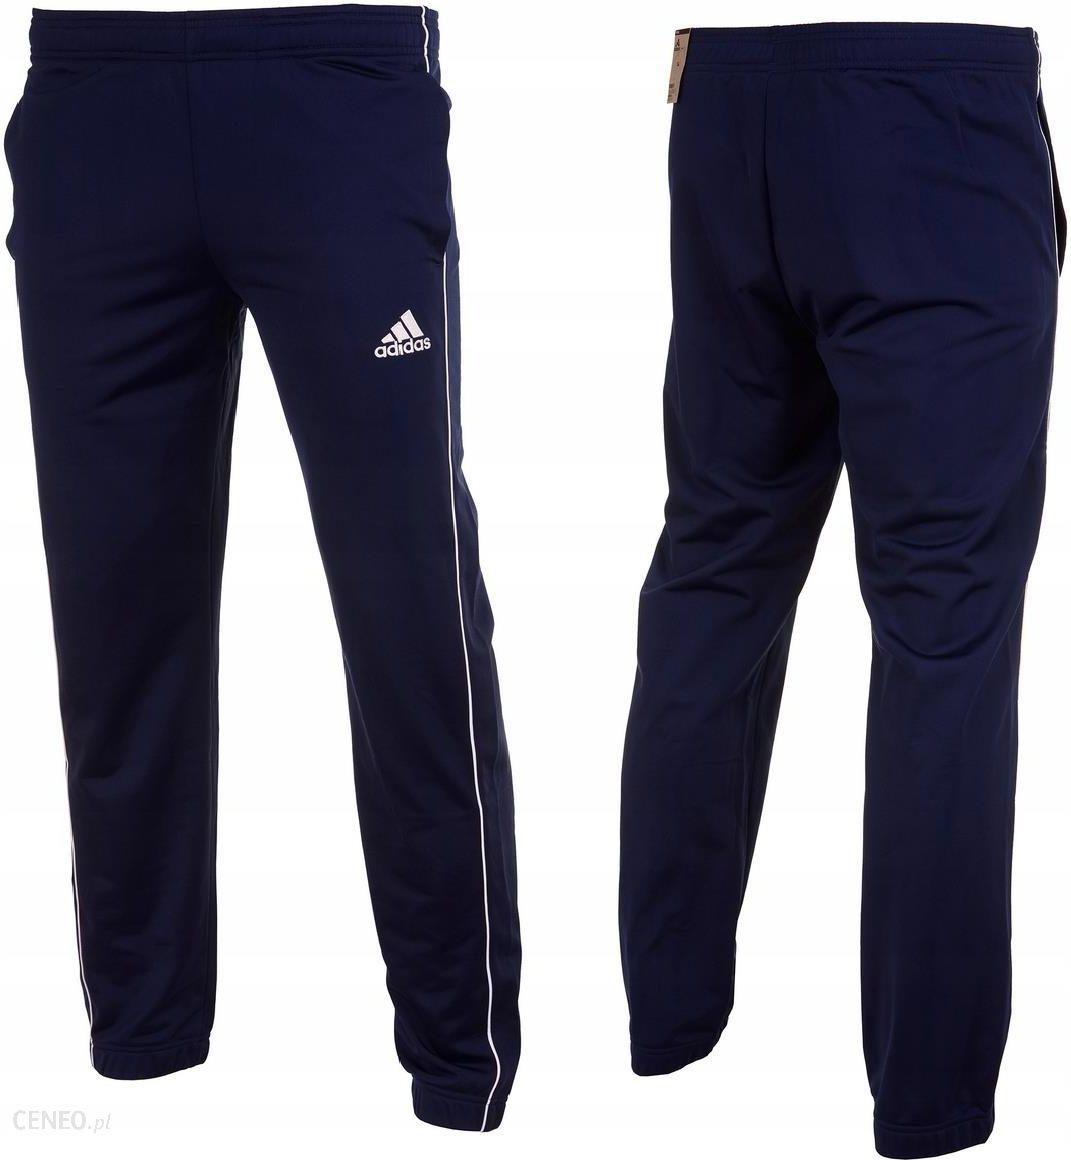 adidas spodnie męskie core 18 cv3585